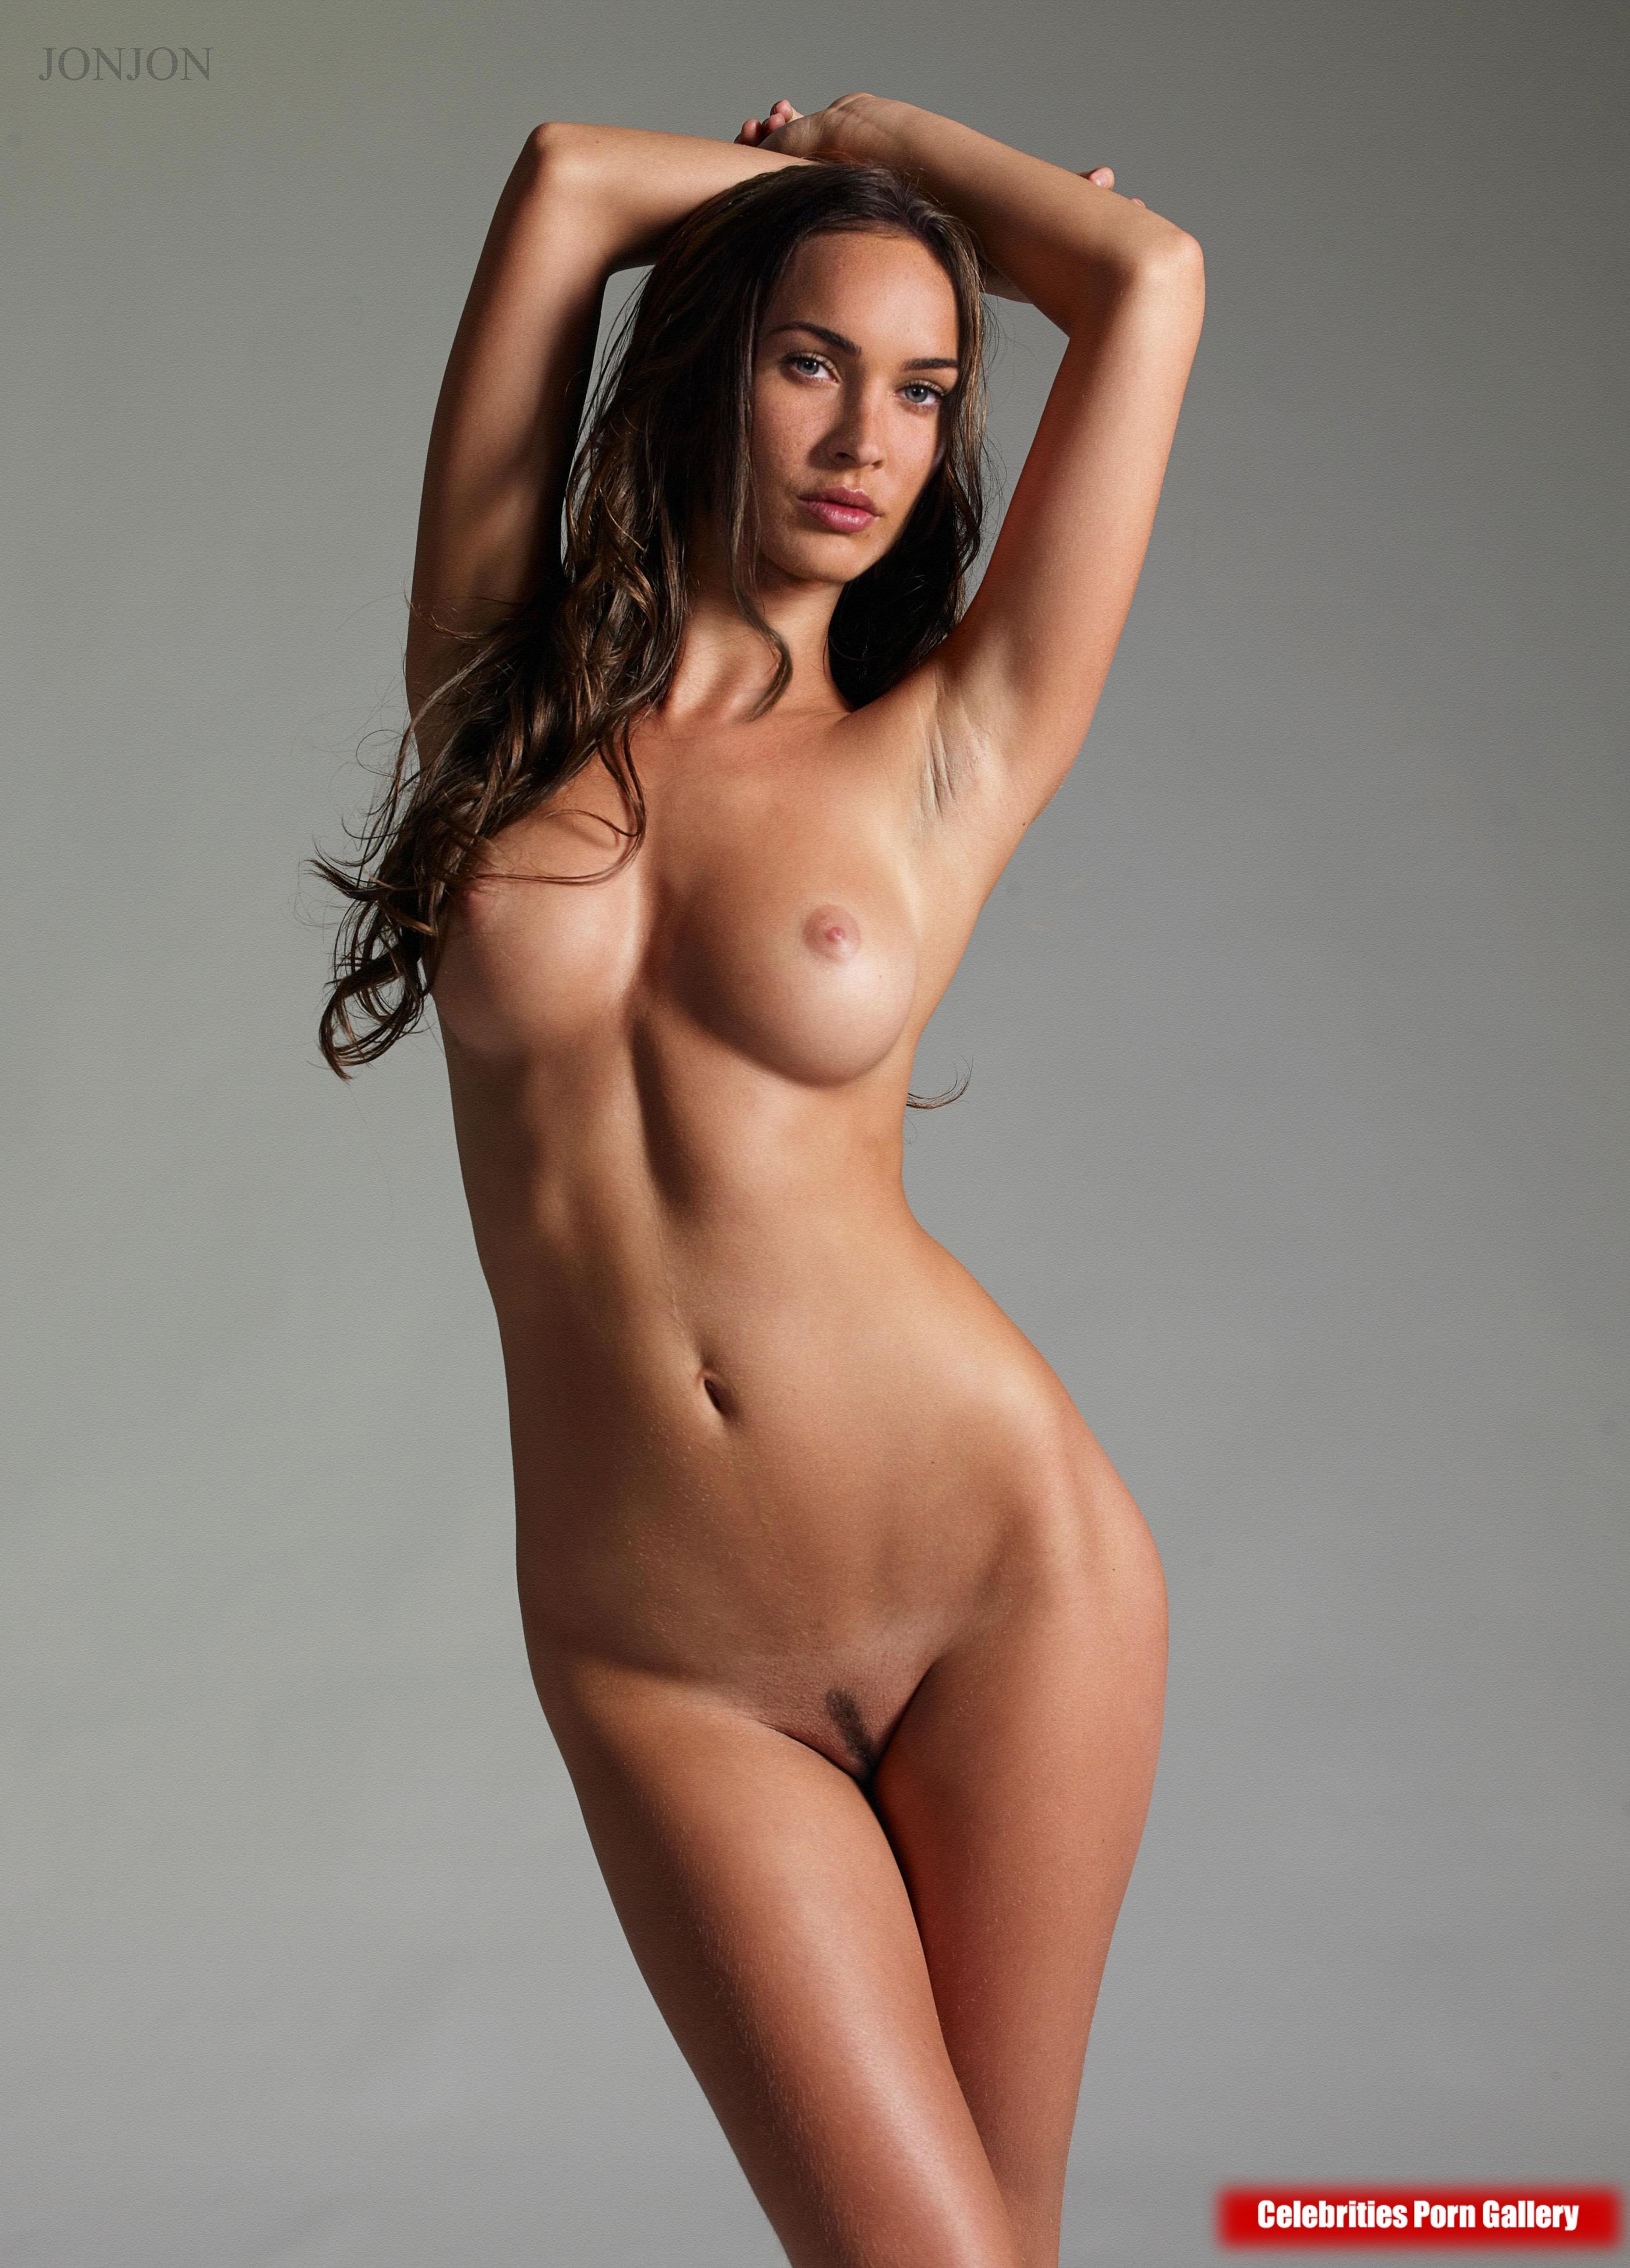 Megan fox fake nudes long time